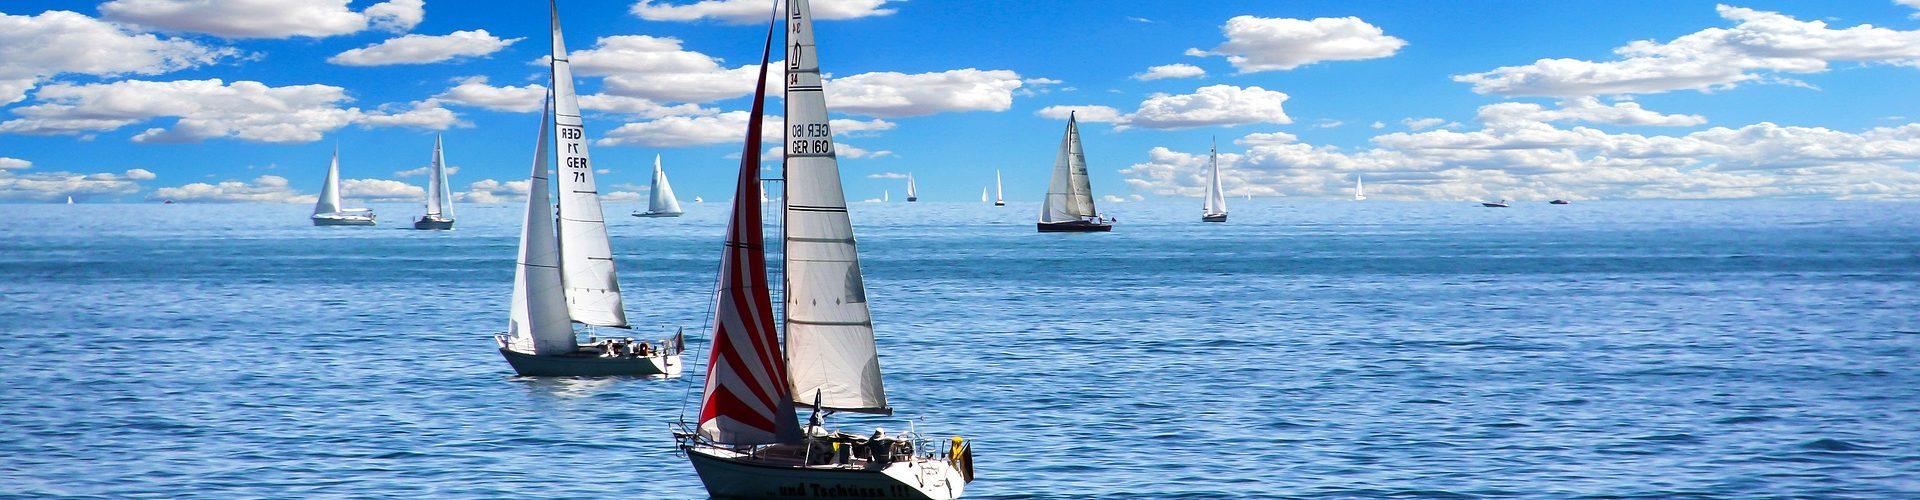 segeln lernen in Eibenstock segelschein machen in Eibenstock 1920x500 - Segeln lernen in Eibenstock